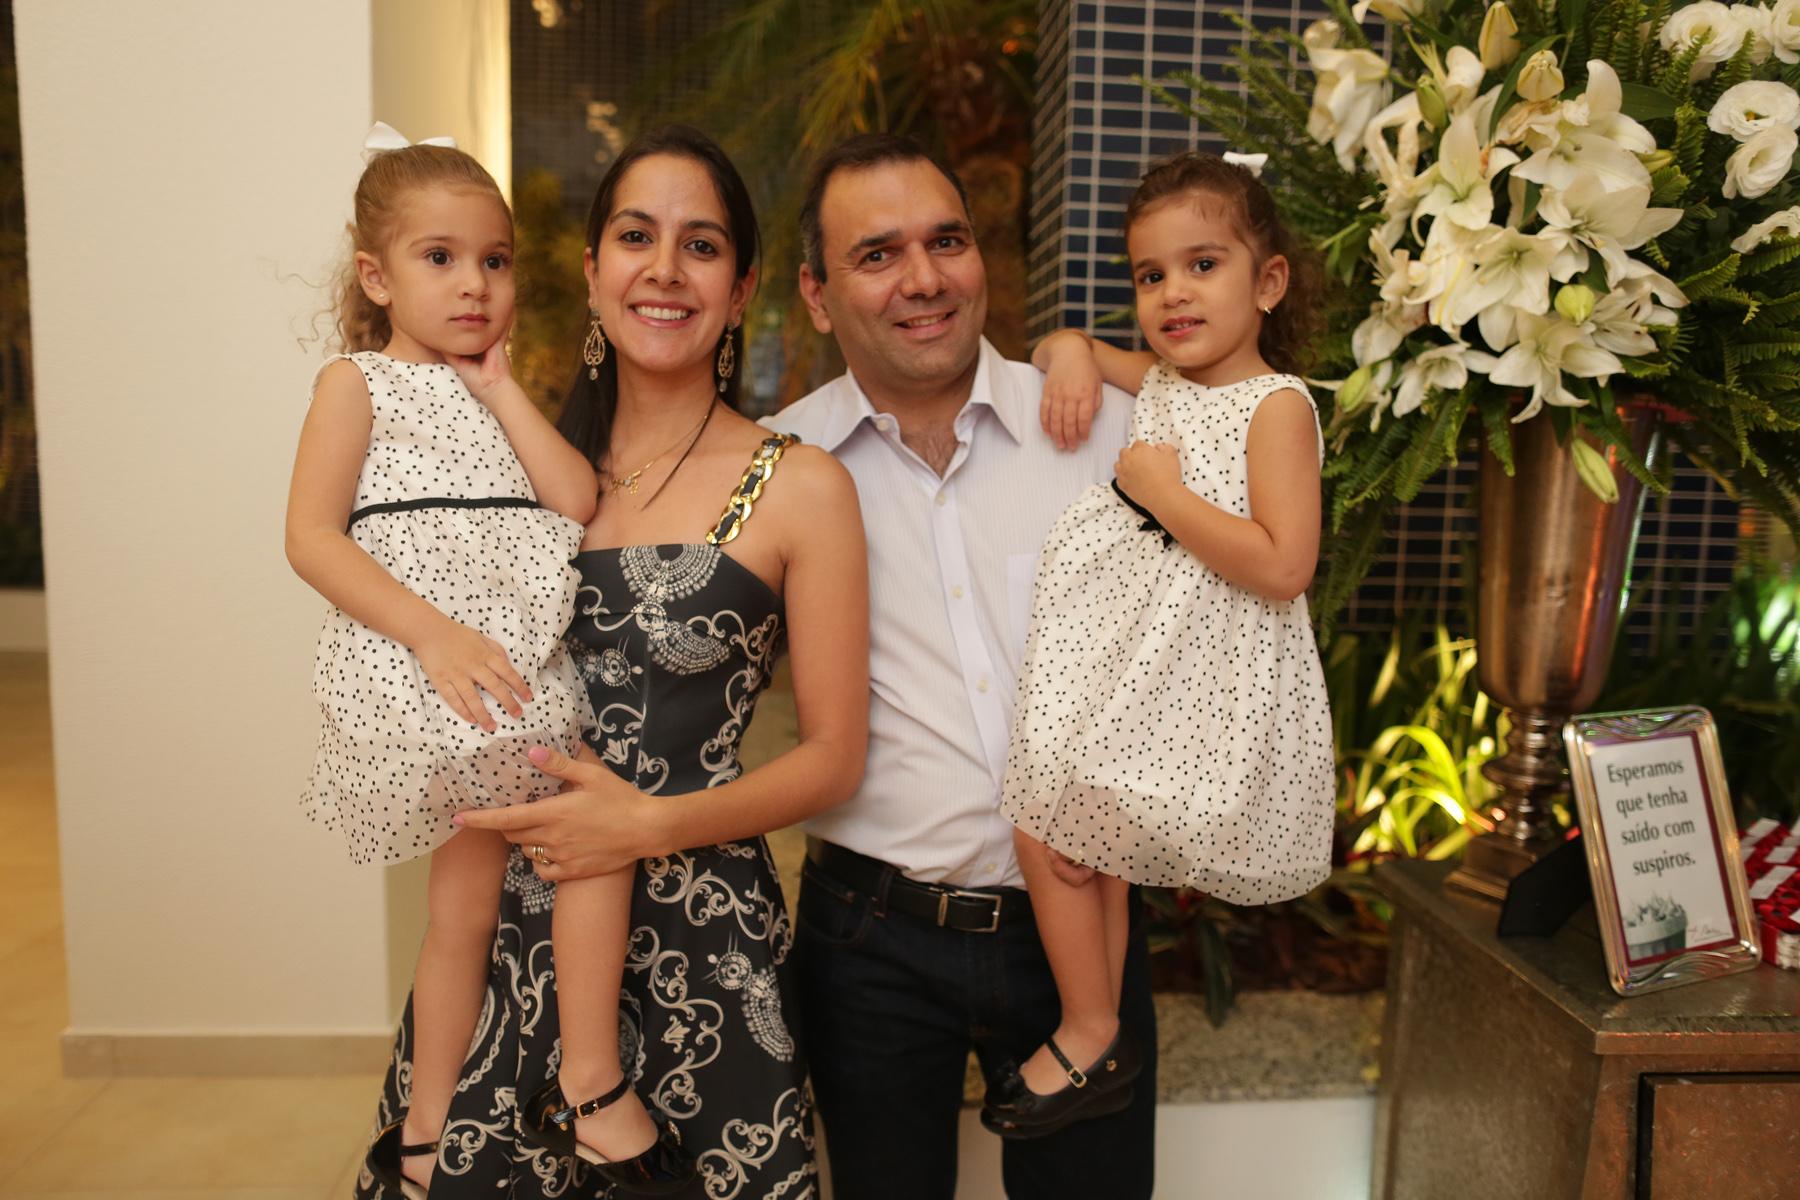 Dr. Alexandre Cury , a esposa Mariluce e filhas Julia e Laura.